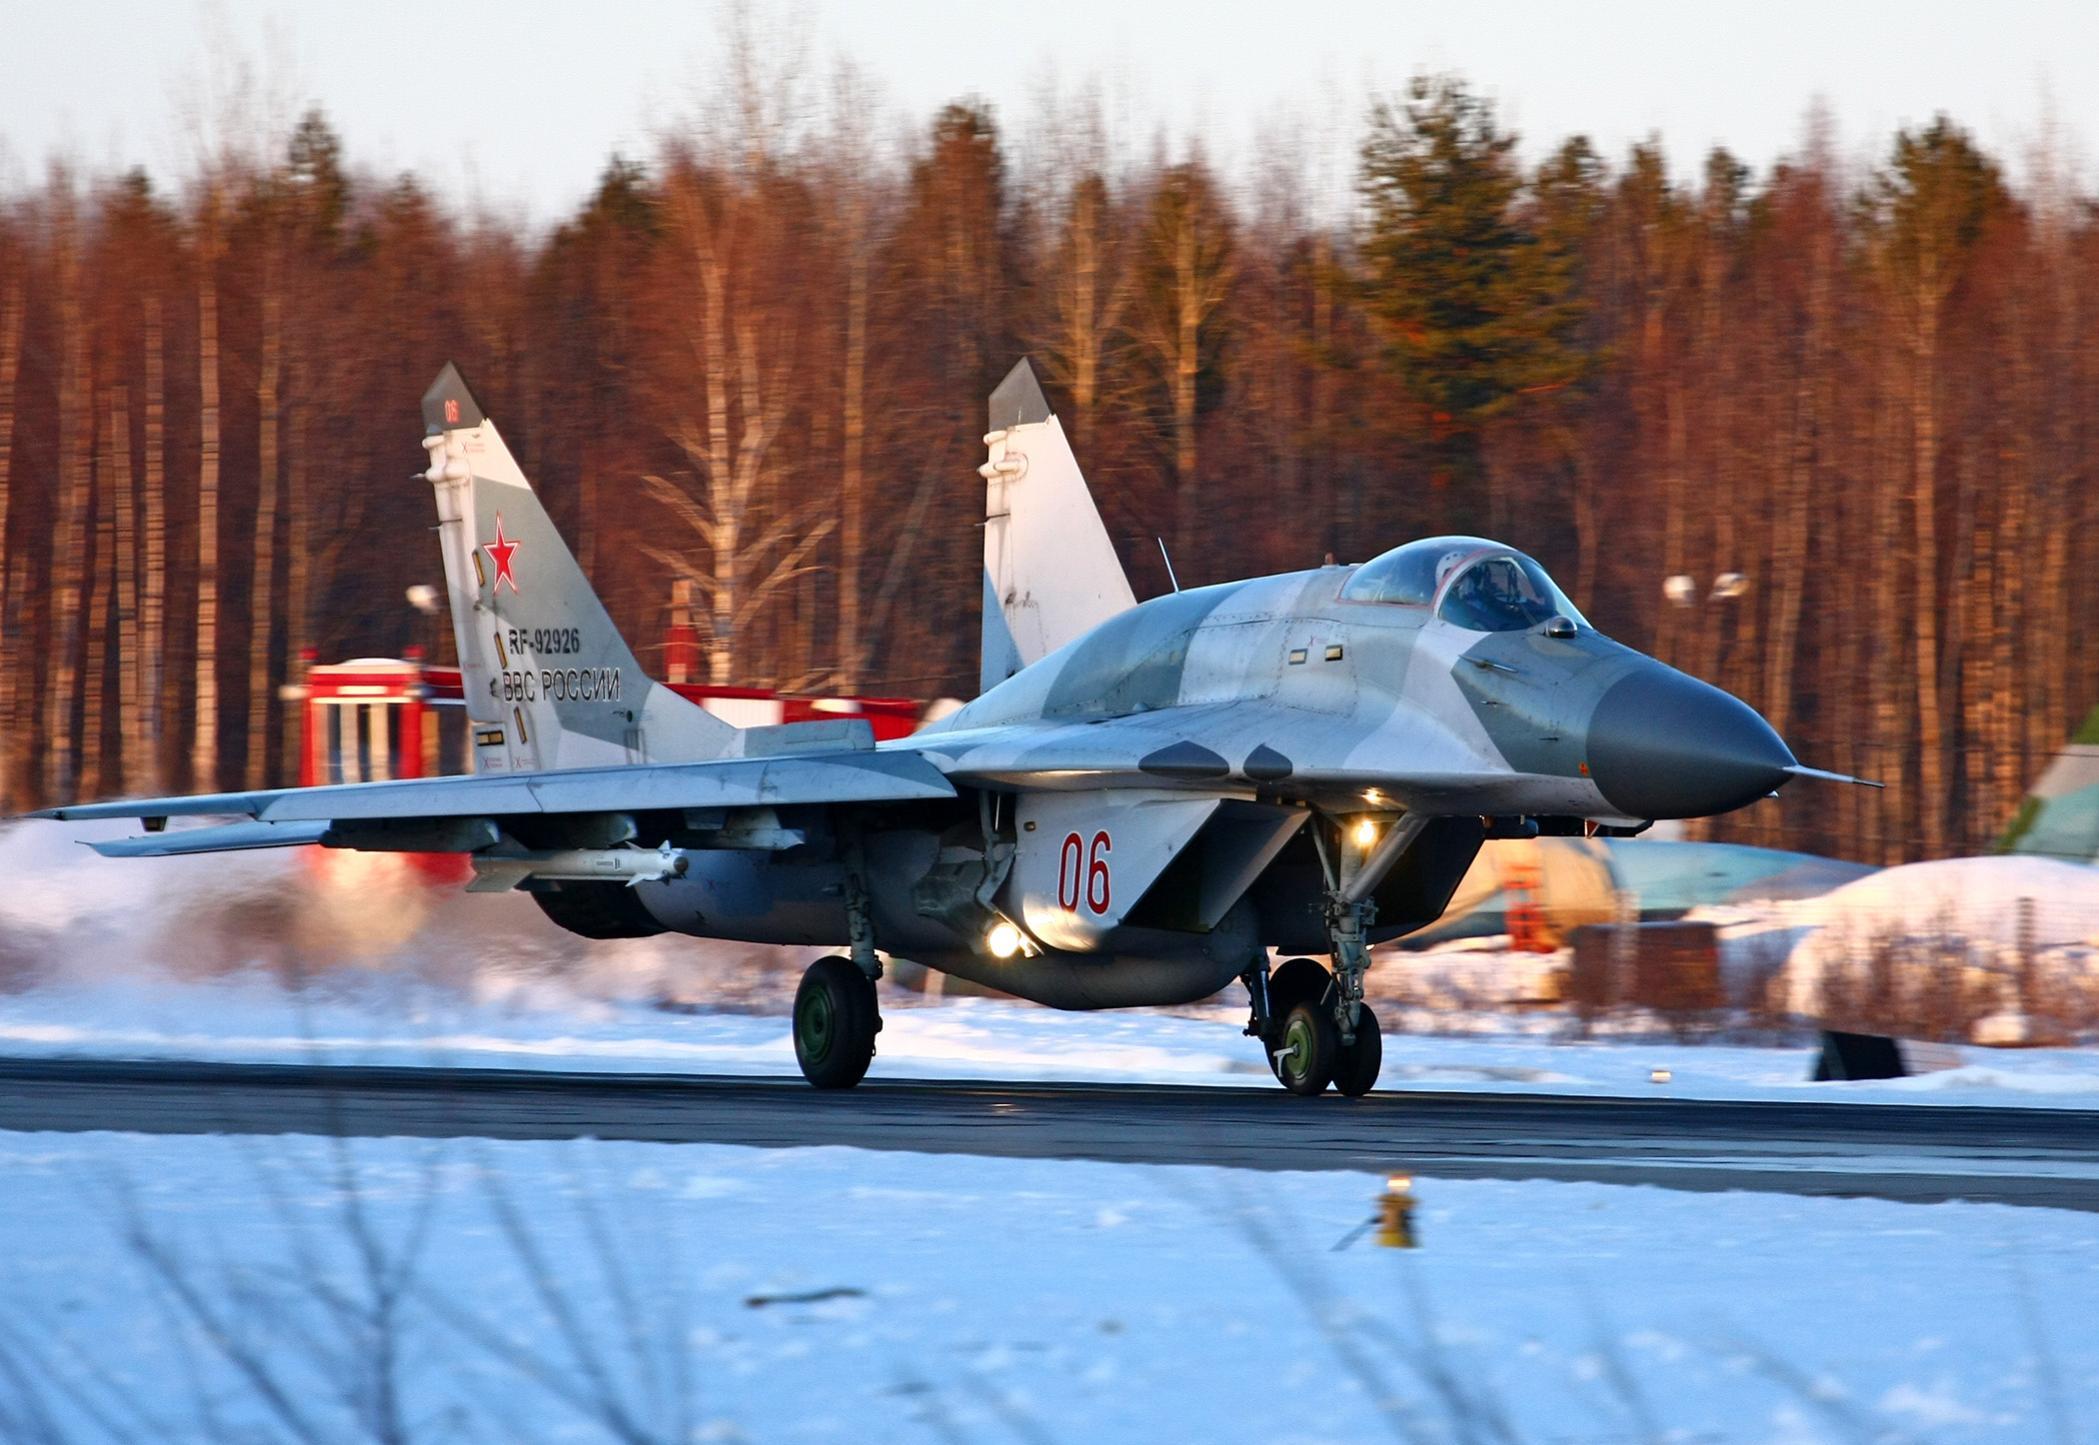 МиГ-29 и неговите варијанти 143473_47048996_01-01-01LADOGA2013-9